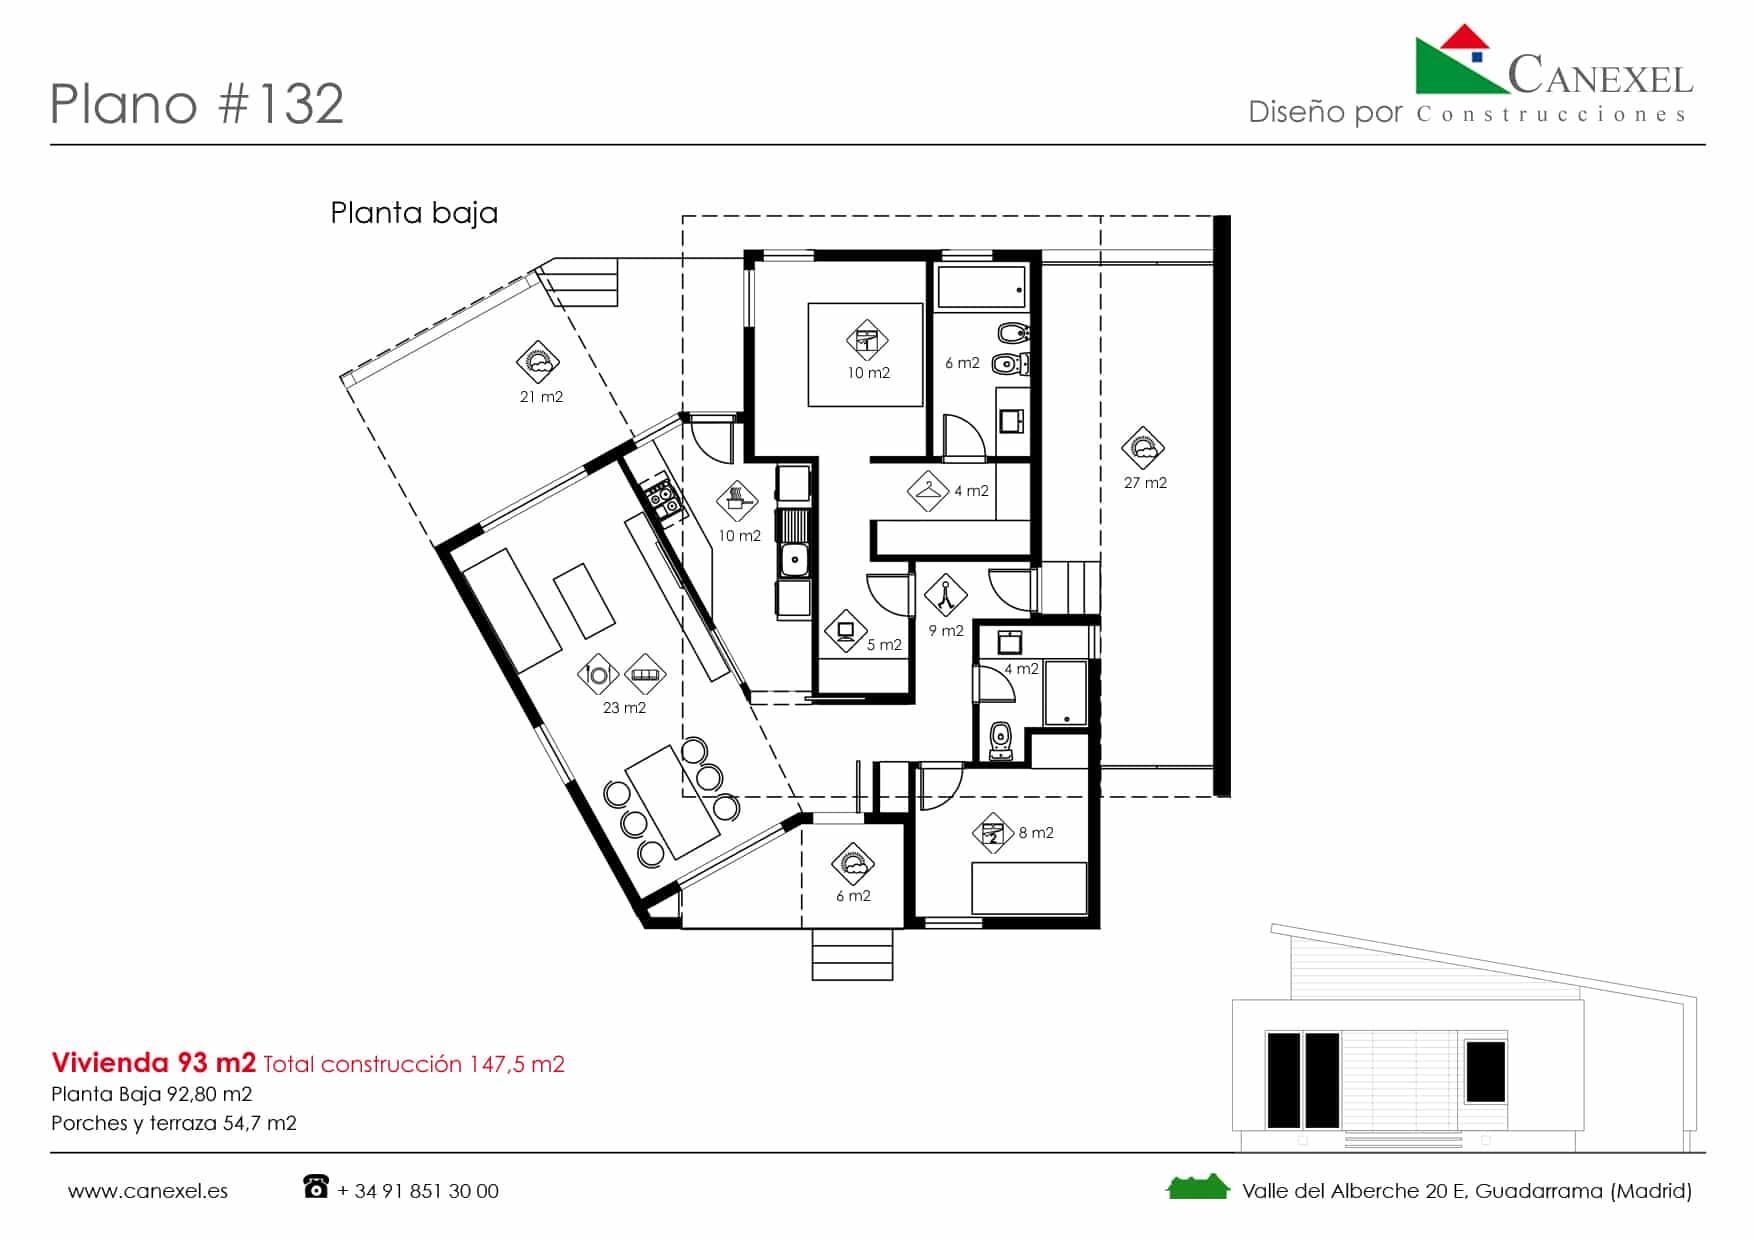 Planos de casas modernas canexel for Planos para construccion de casas